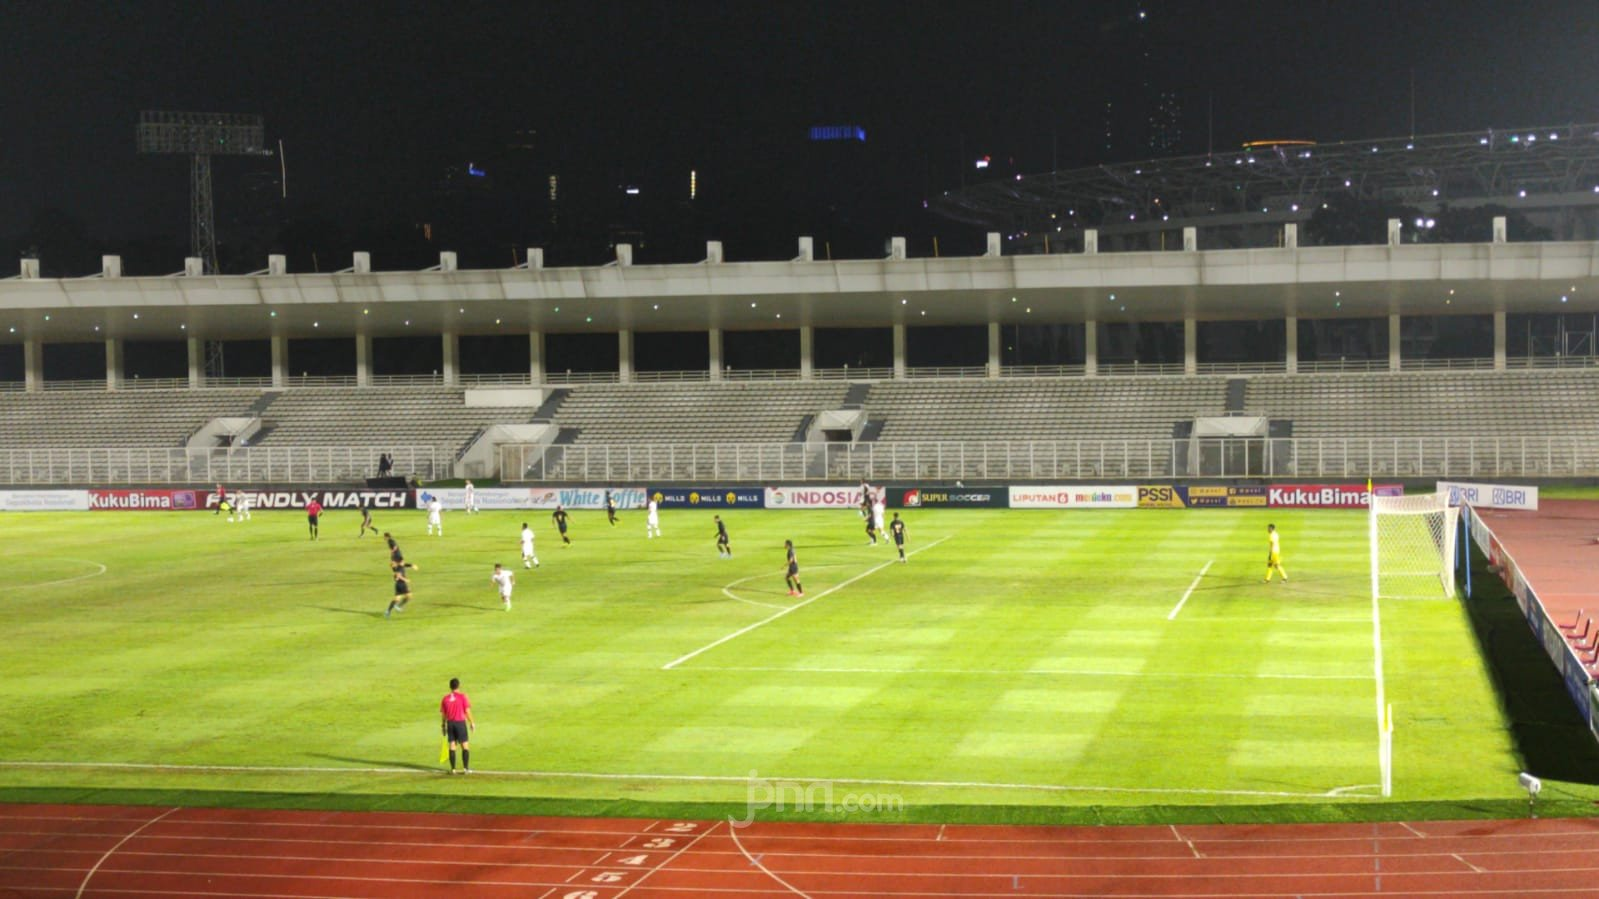 Skor Timnas U-23 vs Bali United 3-1, Tetapi Shin Tae Yong Belum Puas - JPNN.com